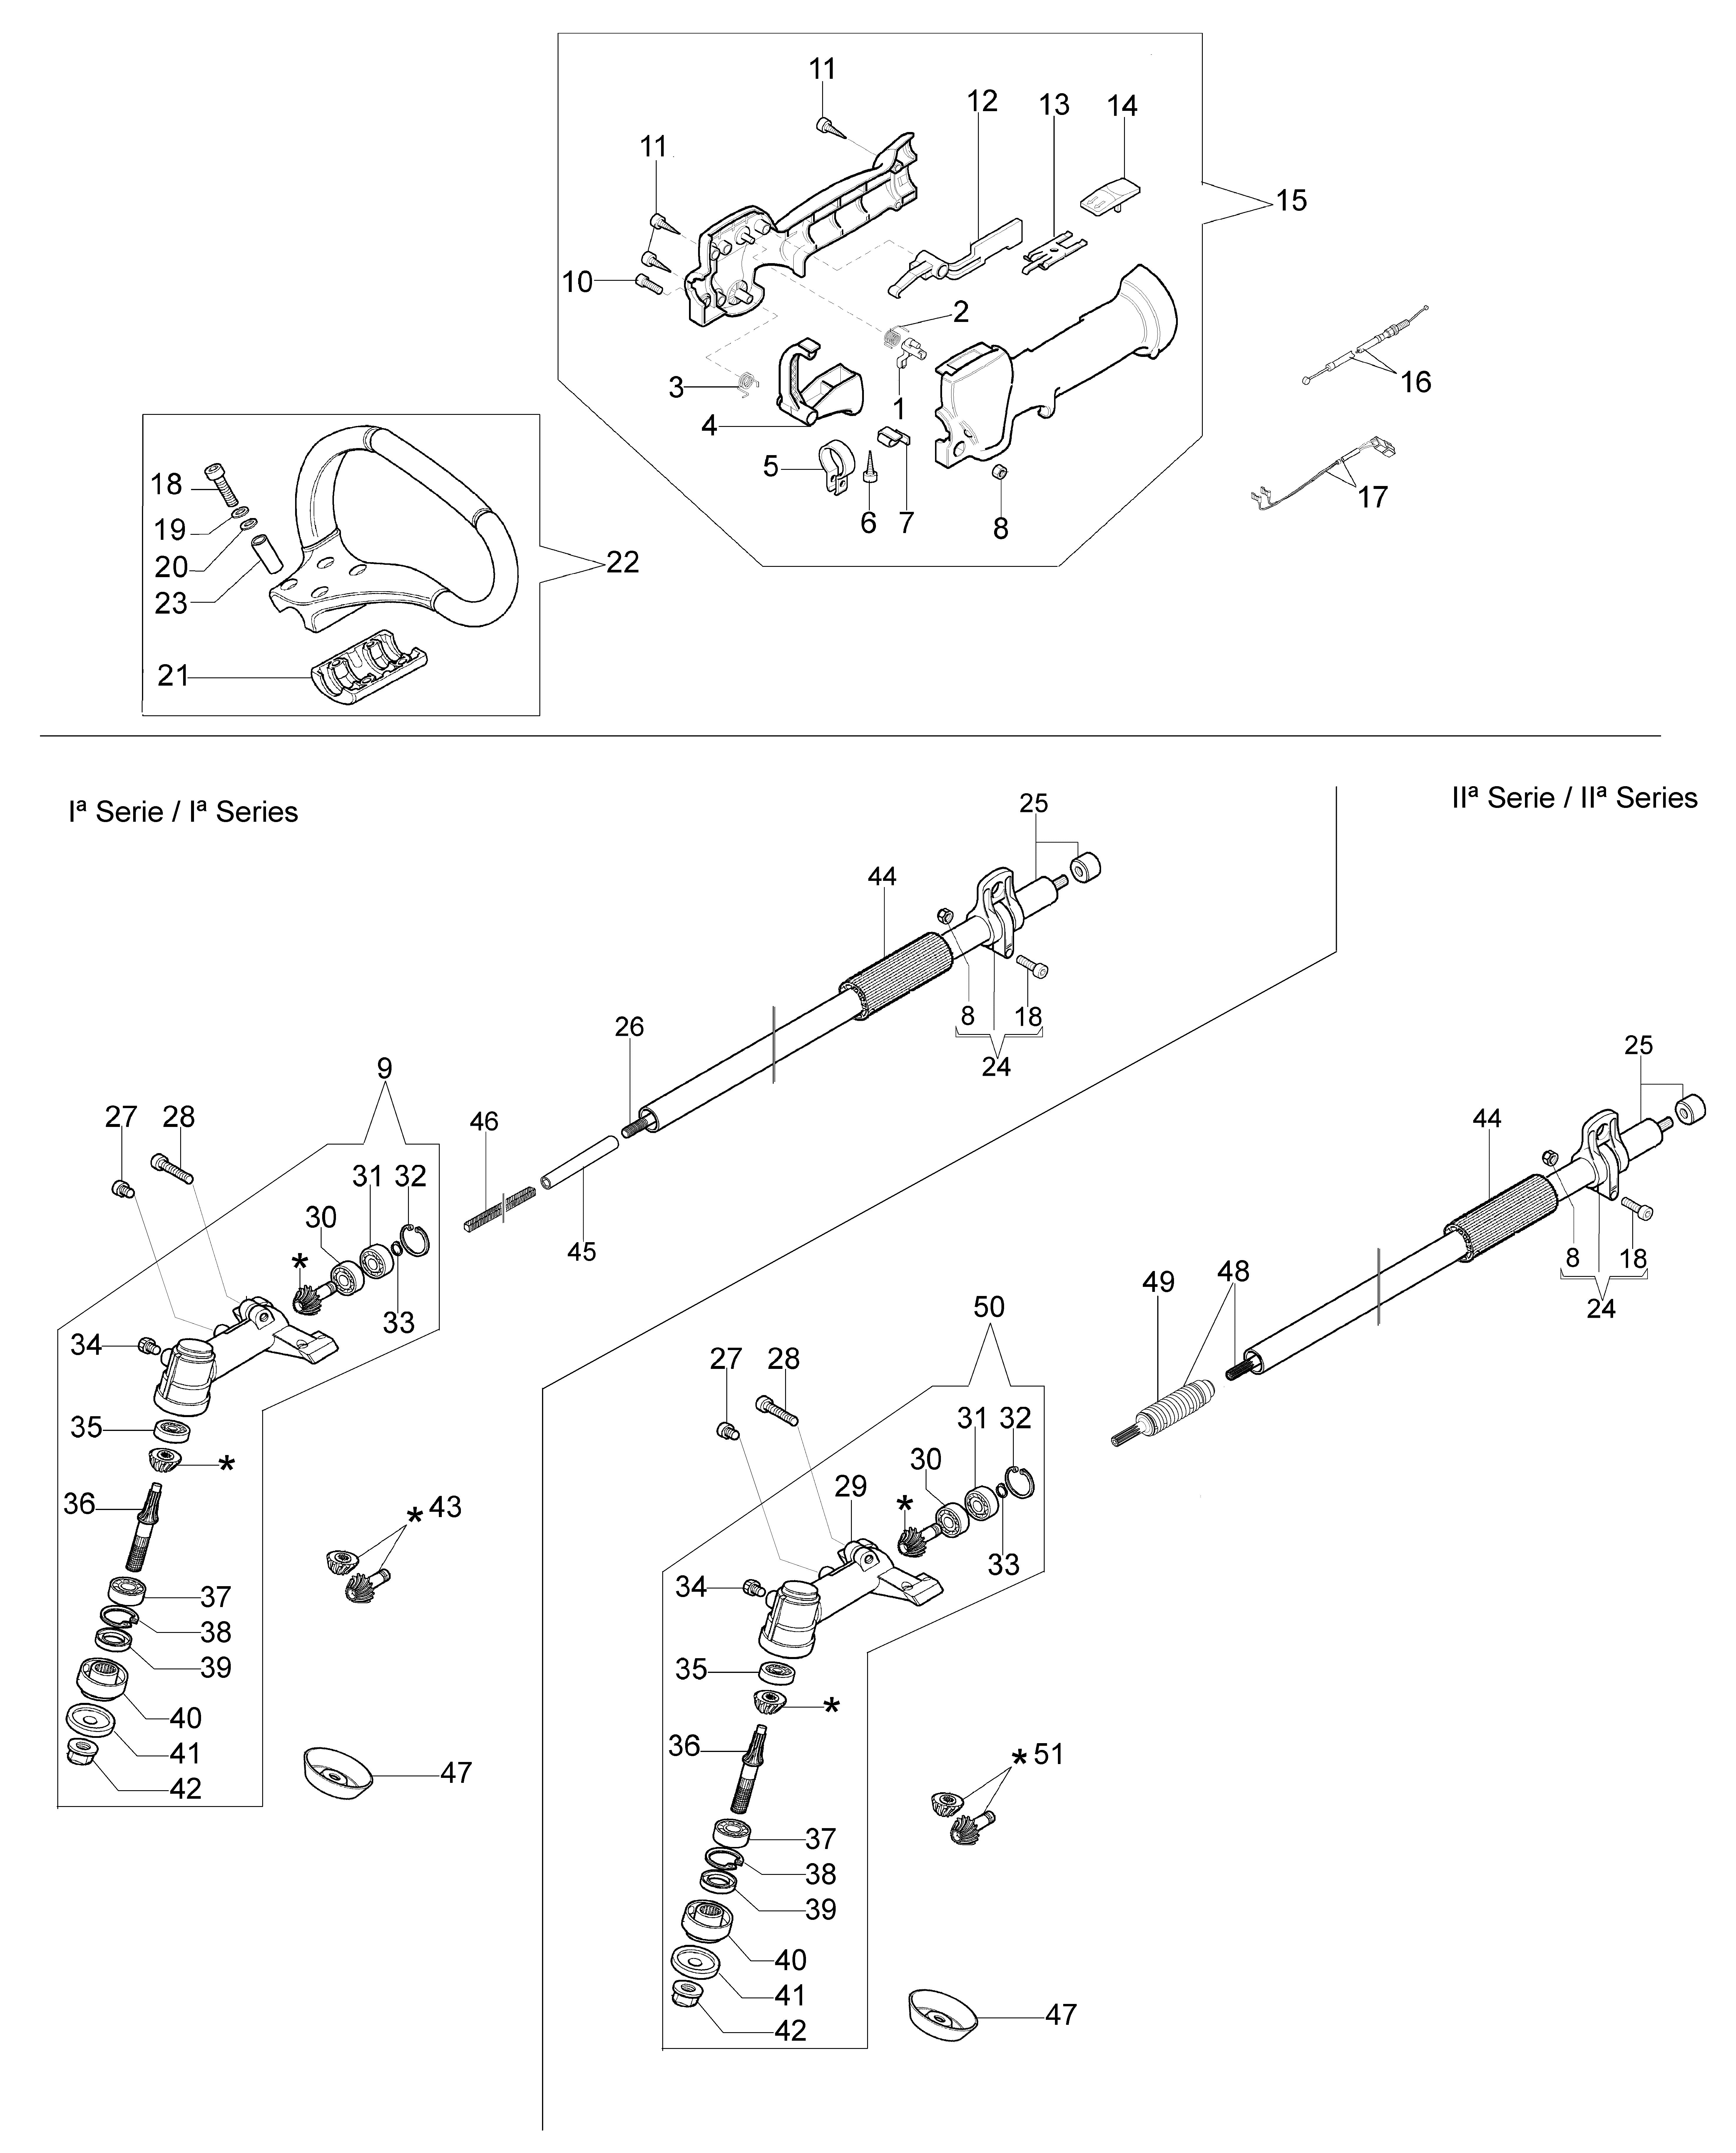 BC 280 S Débroussailleuse oleomac Dessins pièces vue éclatée Transmission